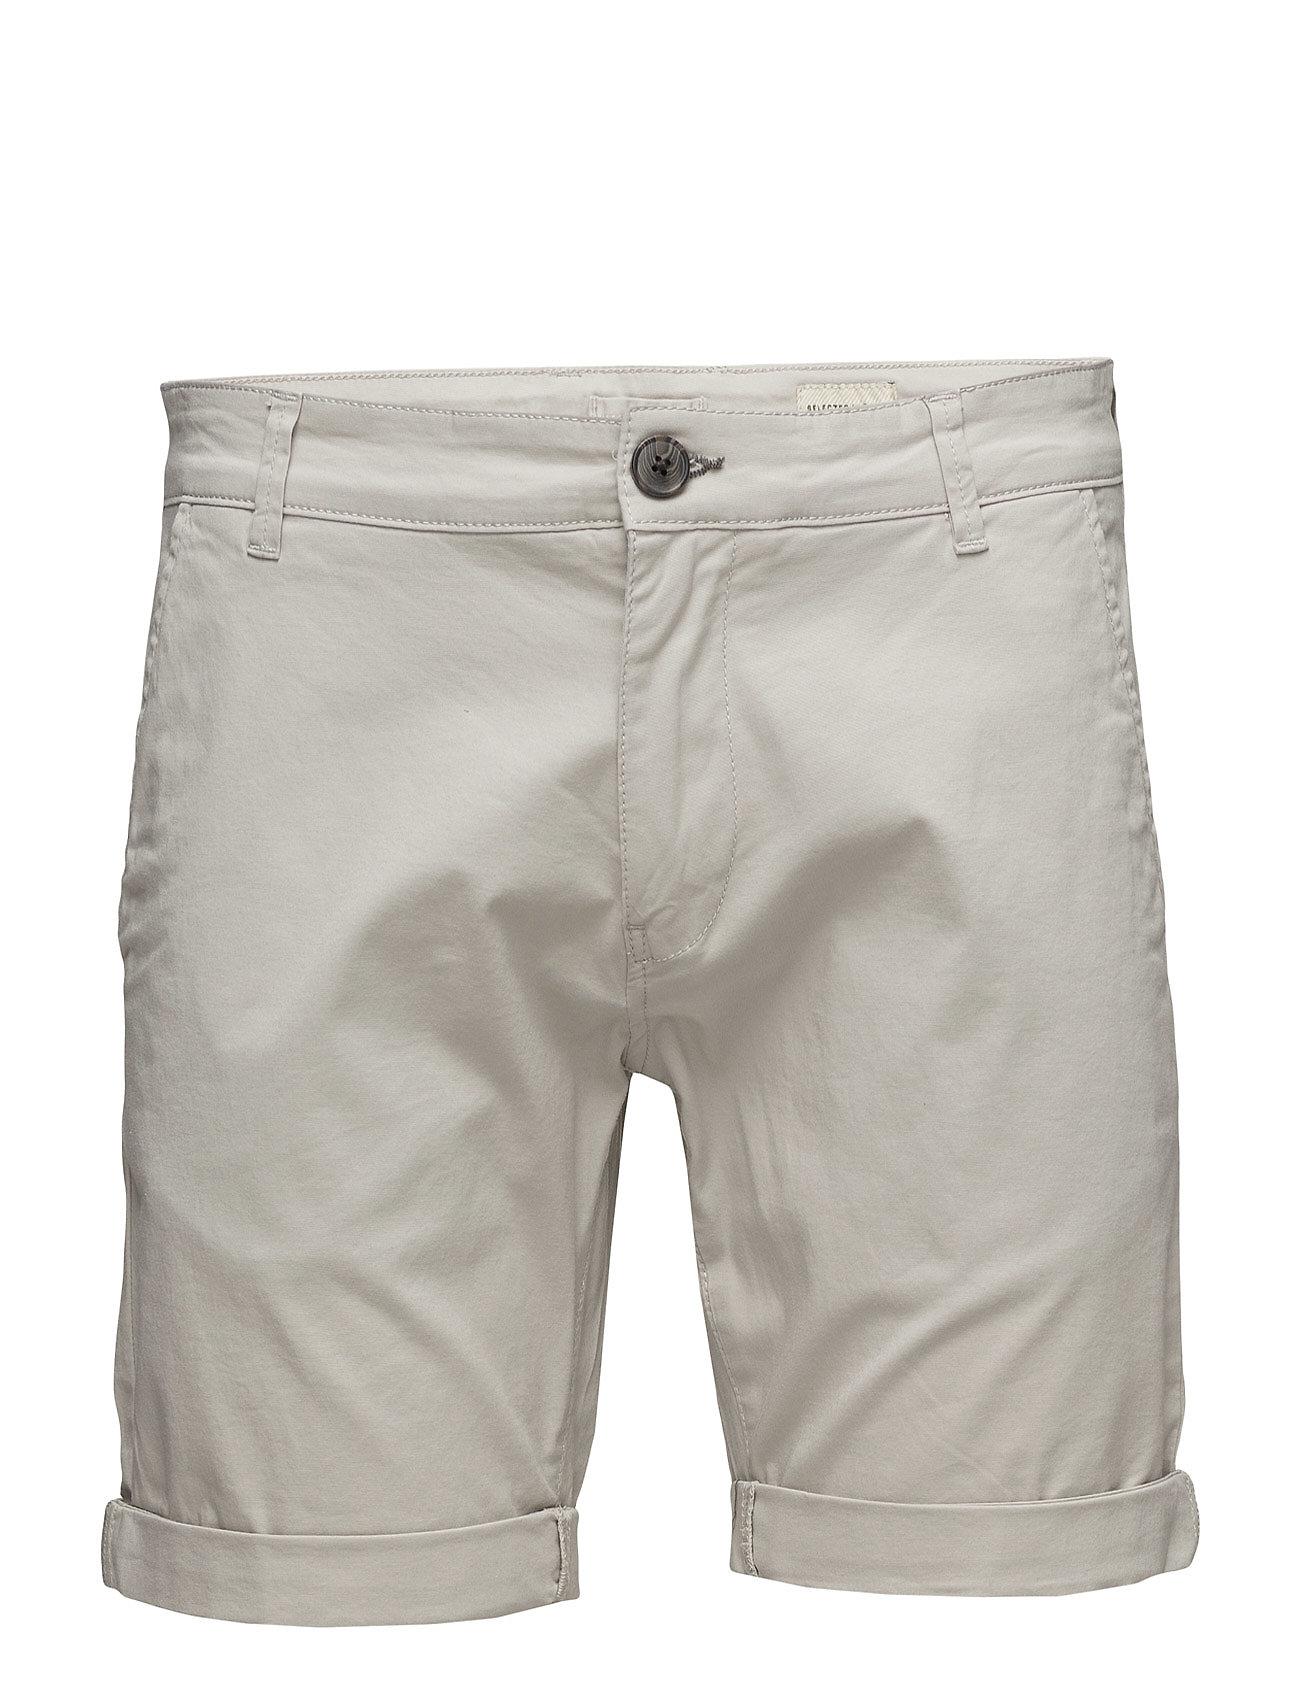 Shhparis Moonstruck St Shorts Noos Selected Homme Bermuda shorts til Herrer i